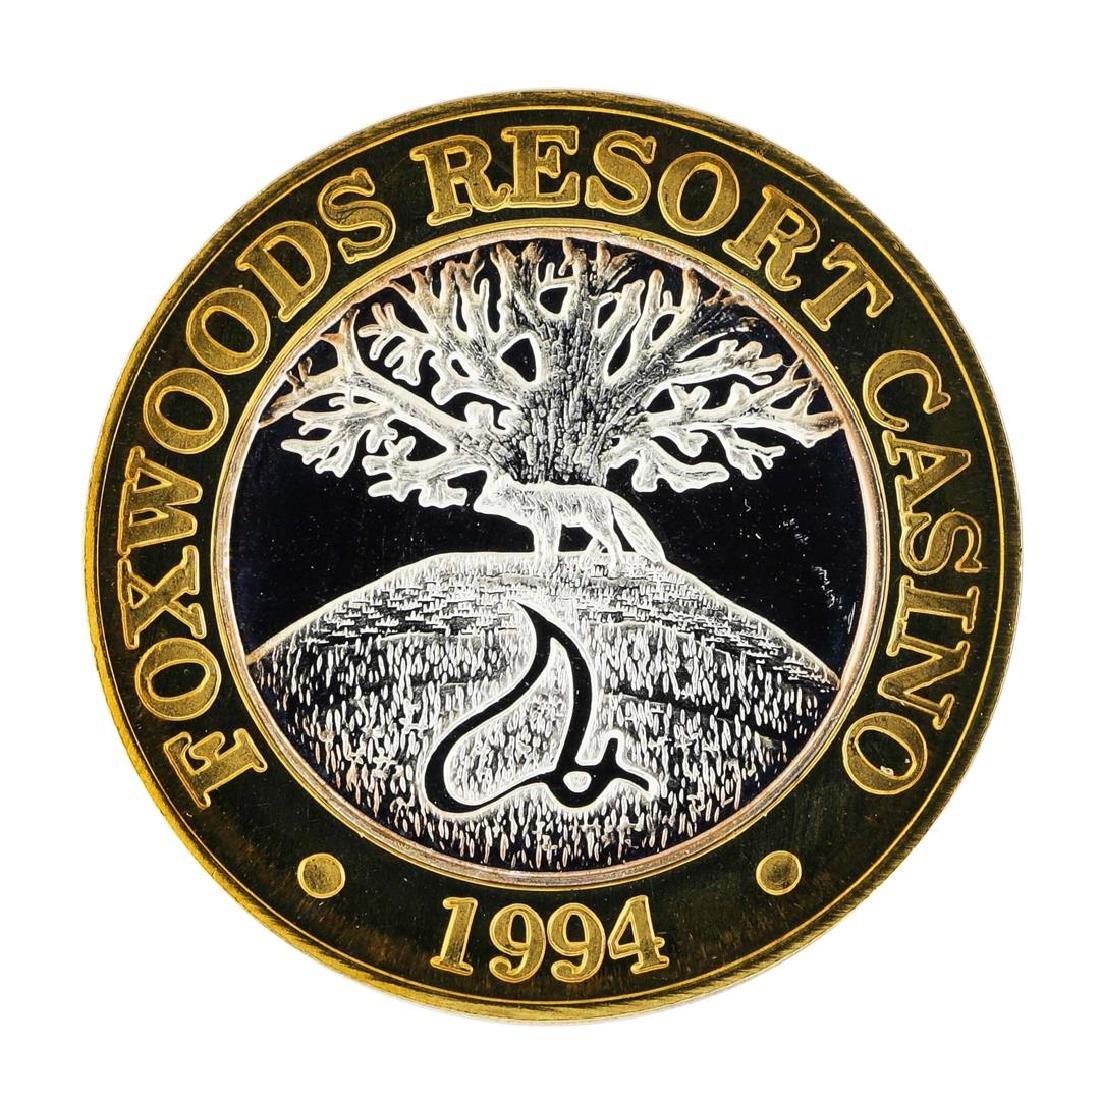 .999 Silver Foxwoods Resort Rhode Islands Casino $10